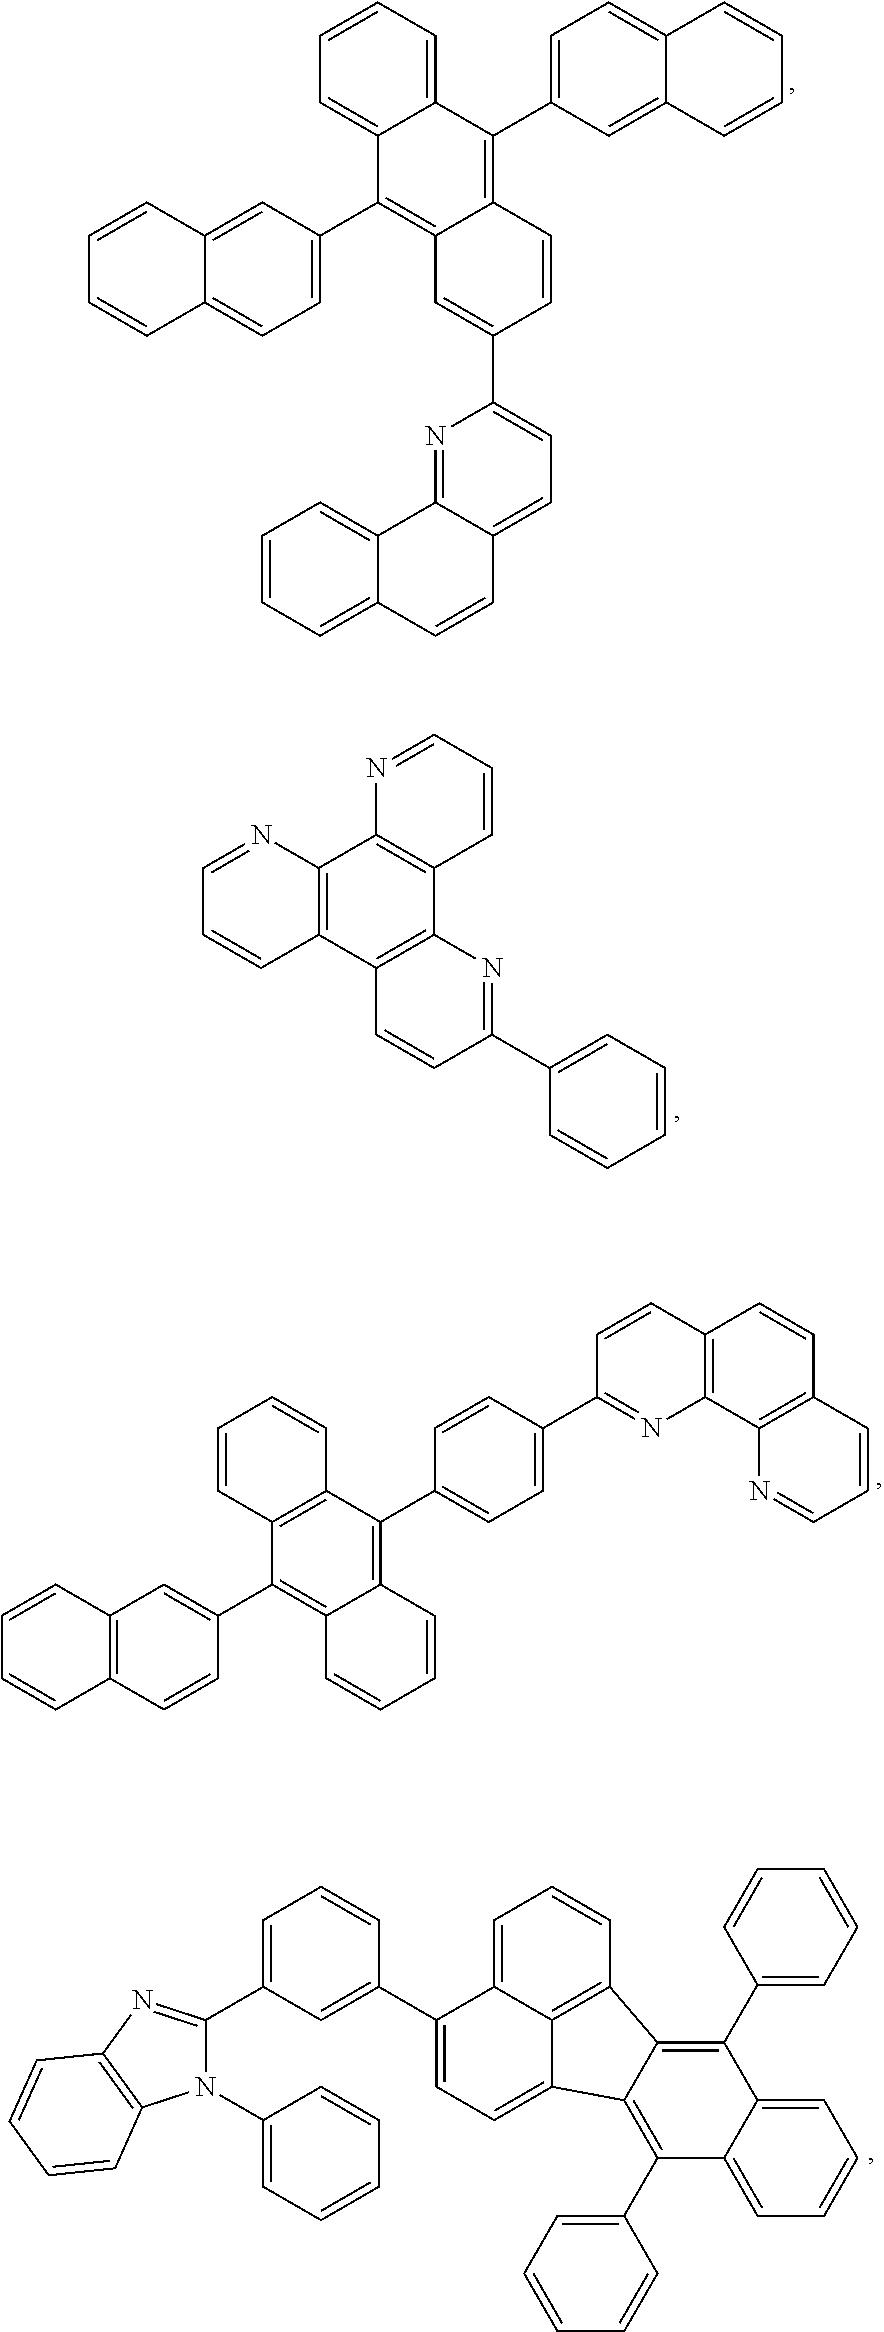 Figure US09859510-20180102-C00104